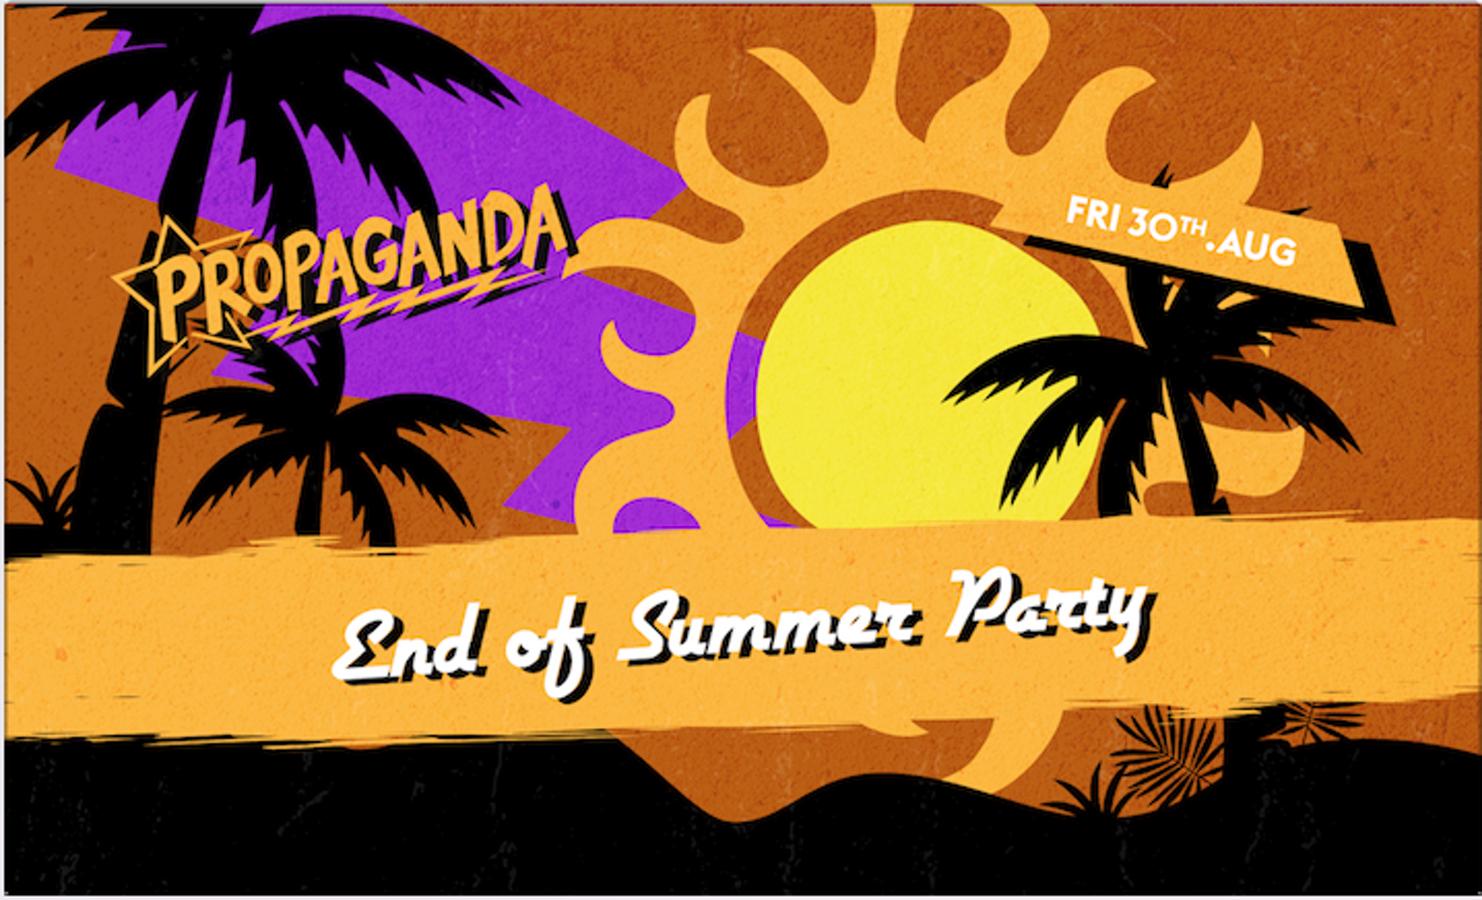 Propaganda Bath – End of Summer Party